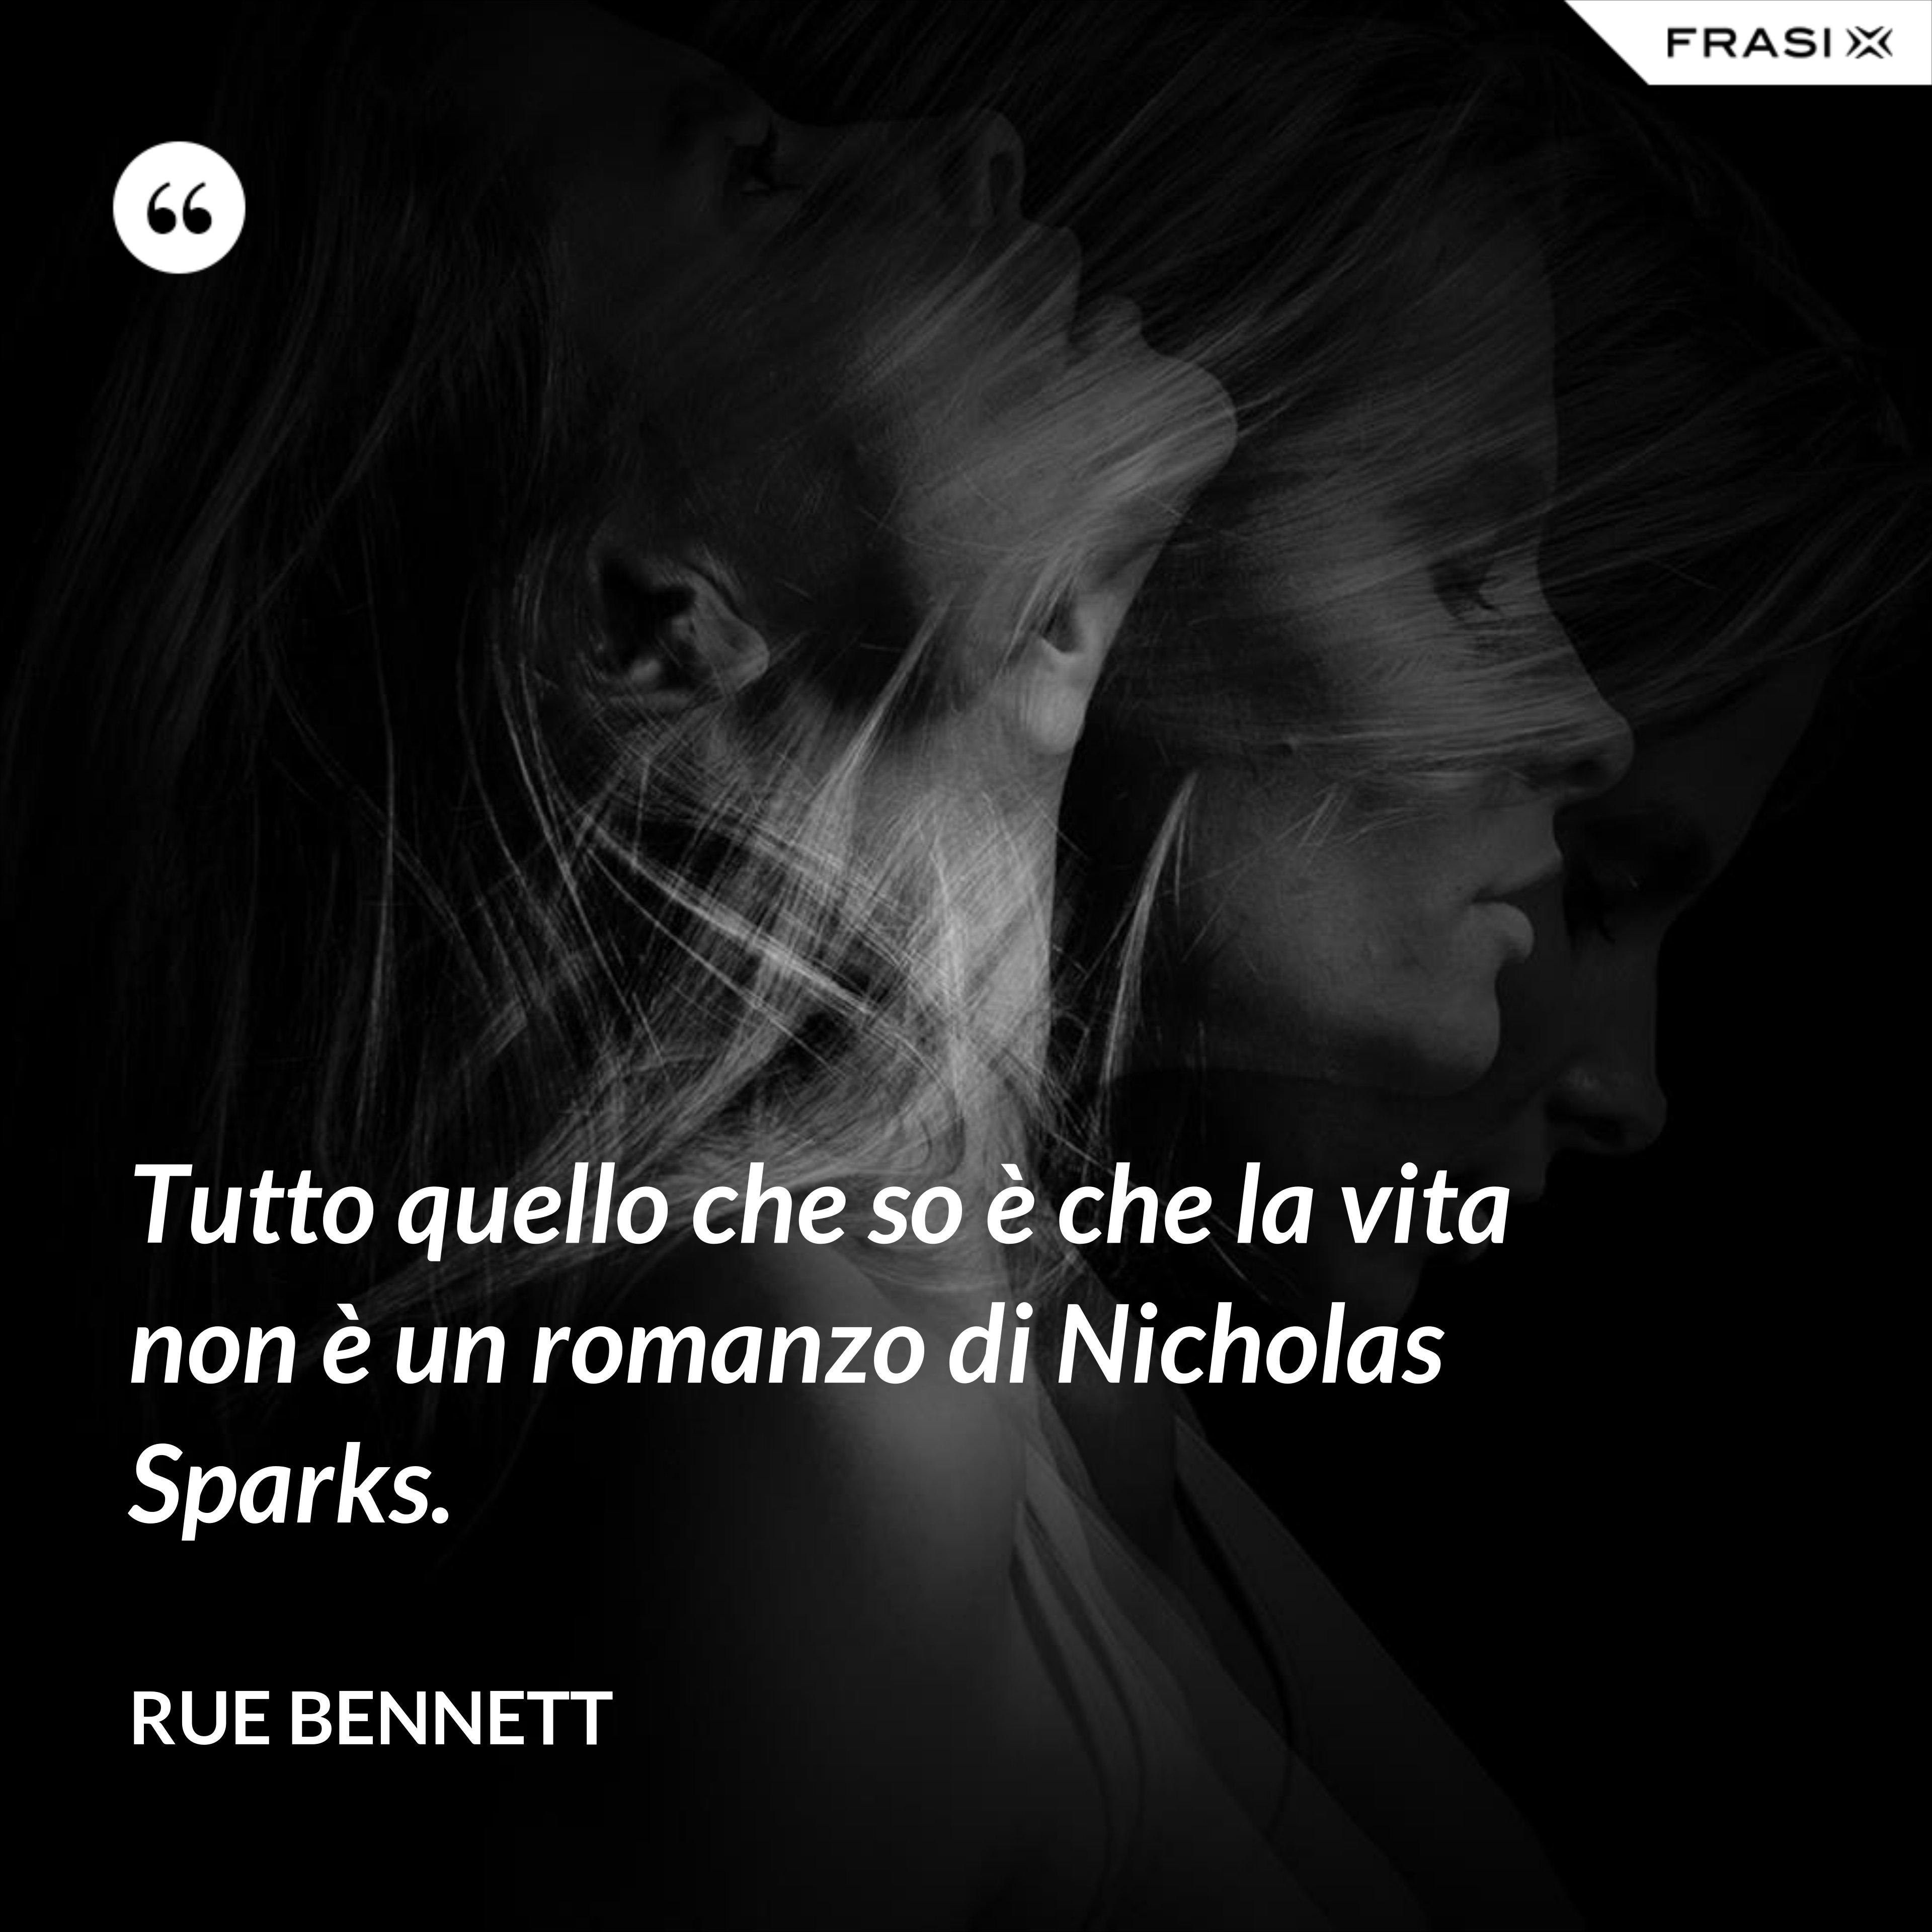 Tutto quello che so è che la vita non è un romanzo di Nicholas Sparks. - Rue Bennett